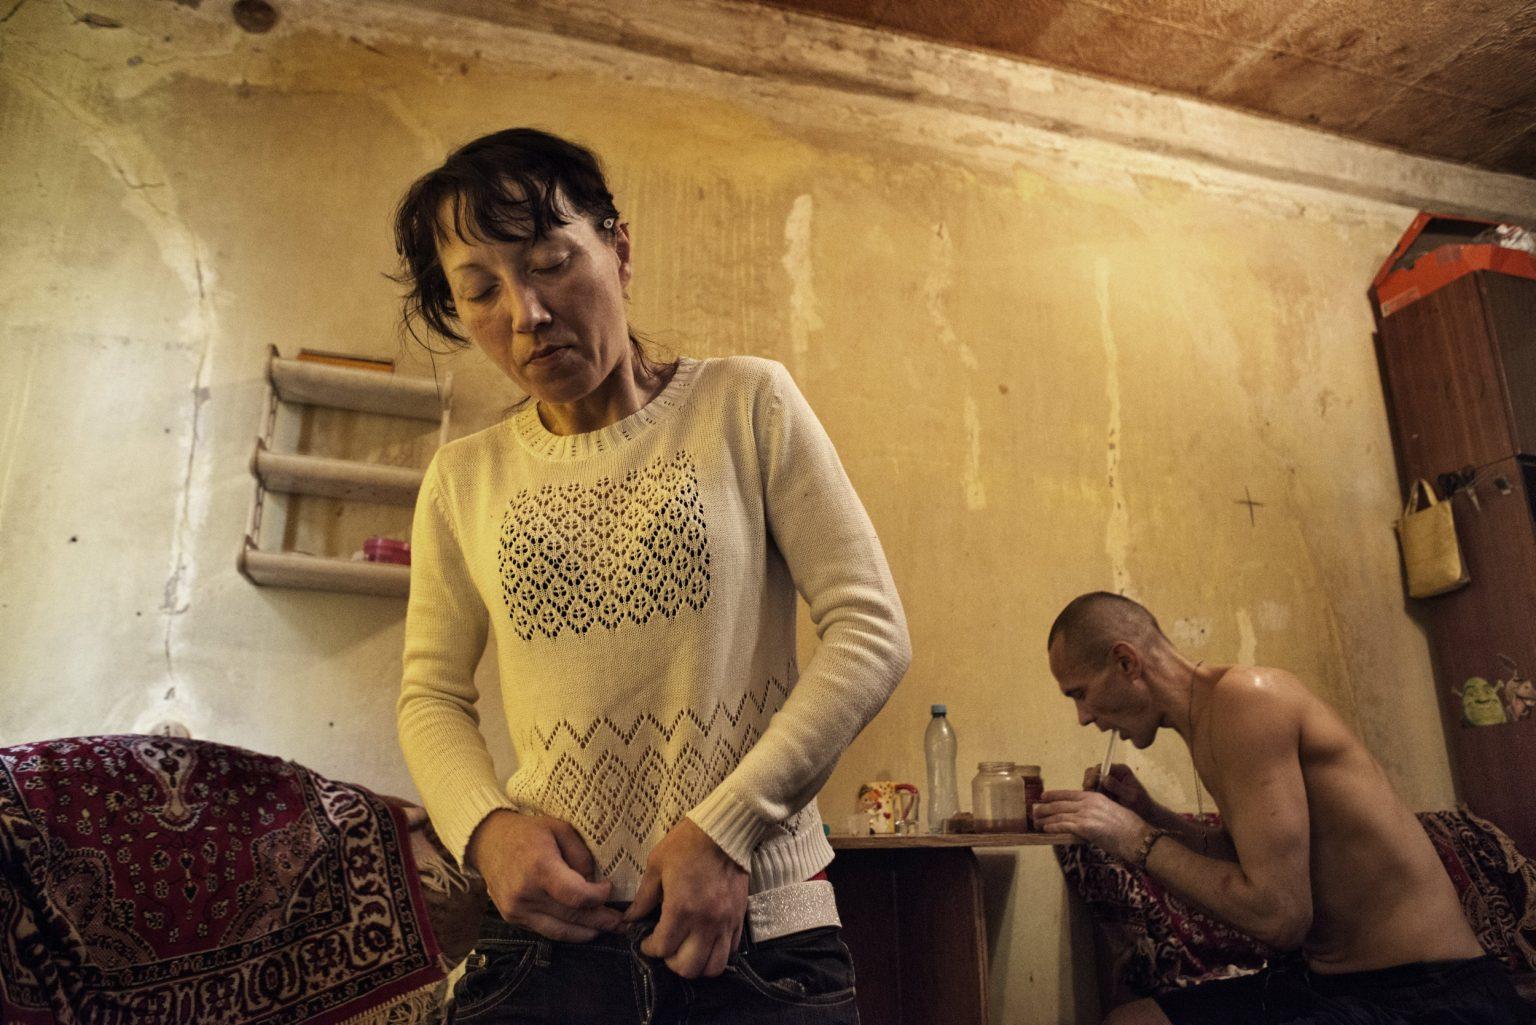 Yekaterinburg, Russia, November 2013 - Zhanna under the influence of drugs, while Andrey draws water from a pot to get sulfur. >< Yekaterinburg, Russia, novembre 2013 - Zhanna in piedi dopo aver assunto la Krokodil, mentre Andrey toglie l'acqua da una pentola per estrarne lo zolfo.